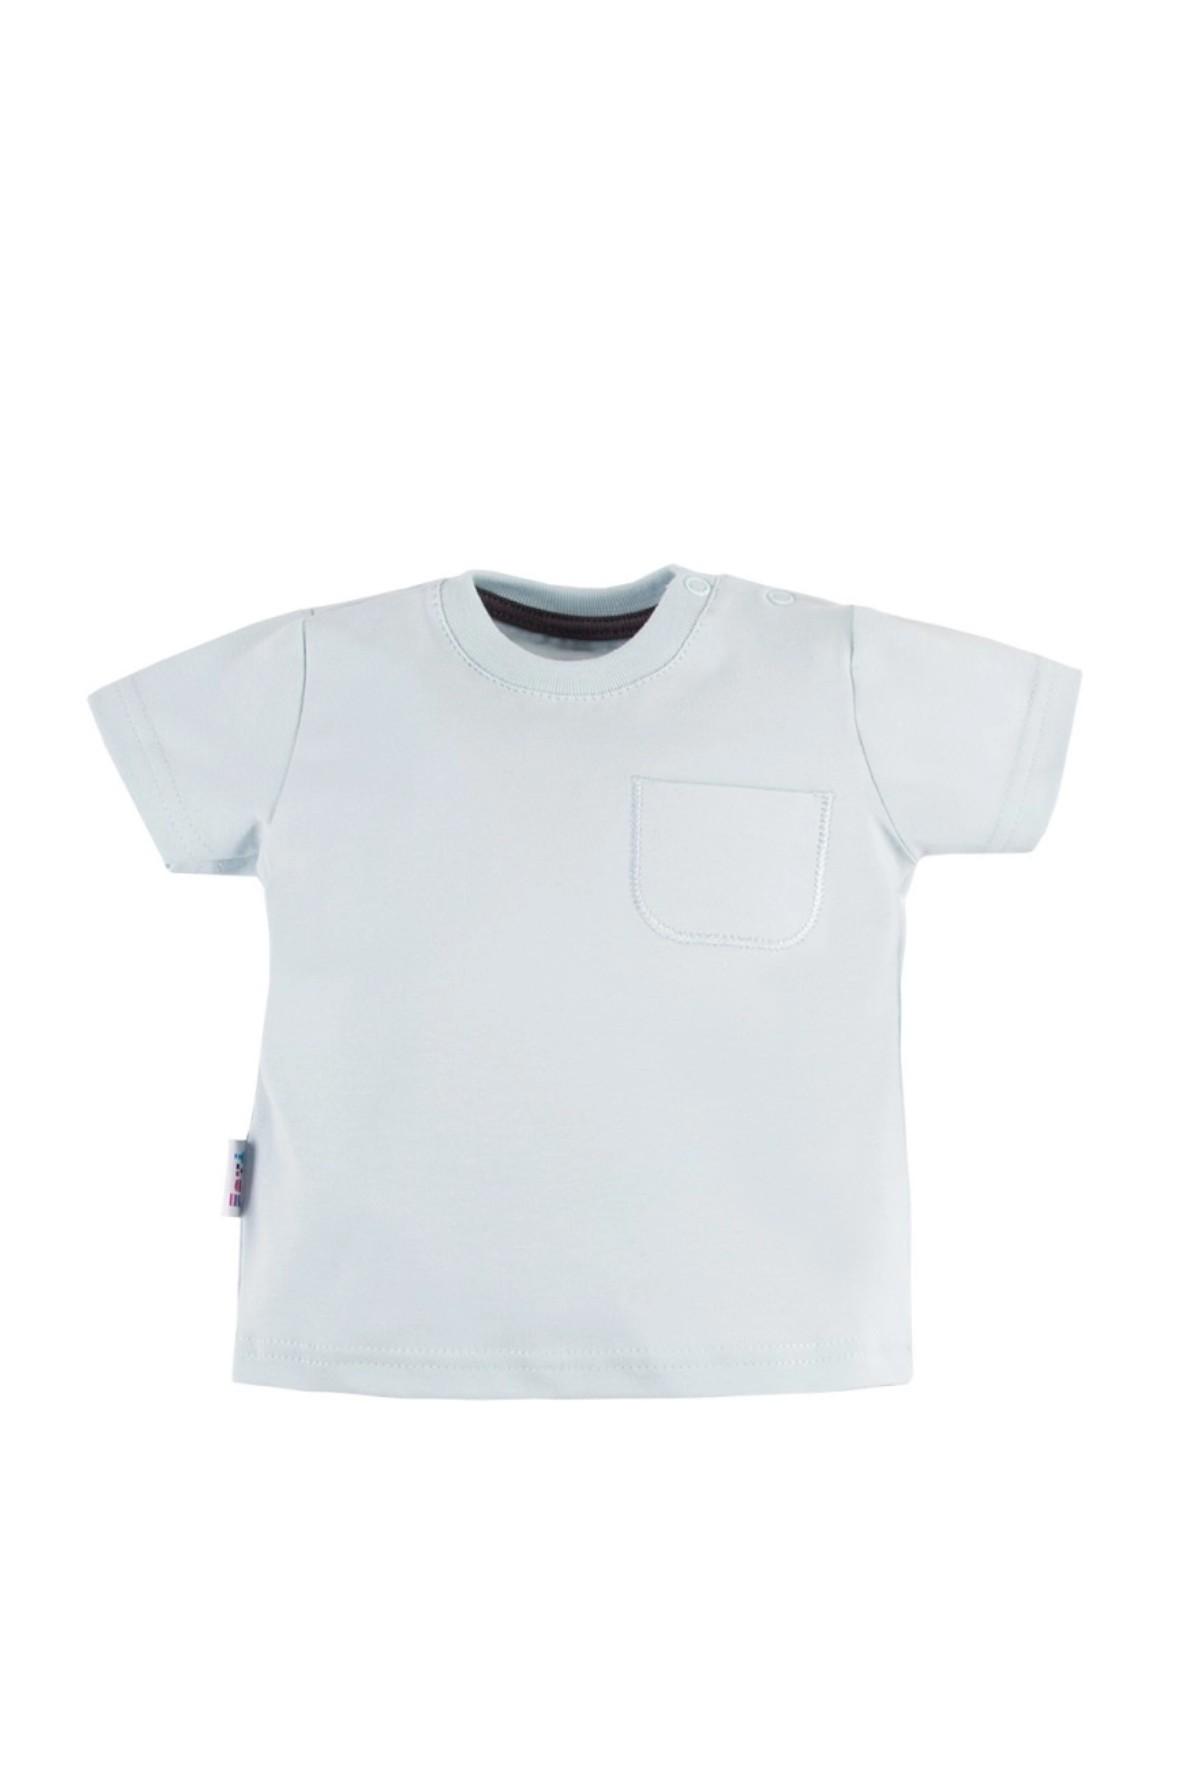 T-shirt LAZY DAYS niebieski z kieszonką